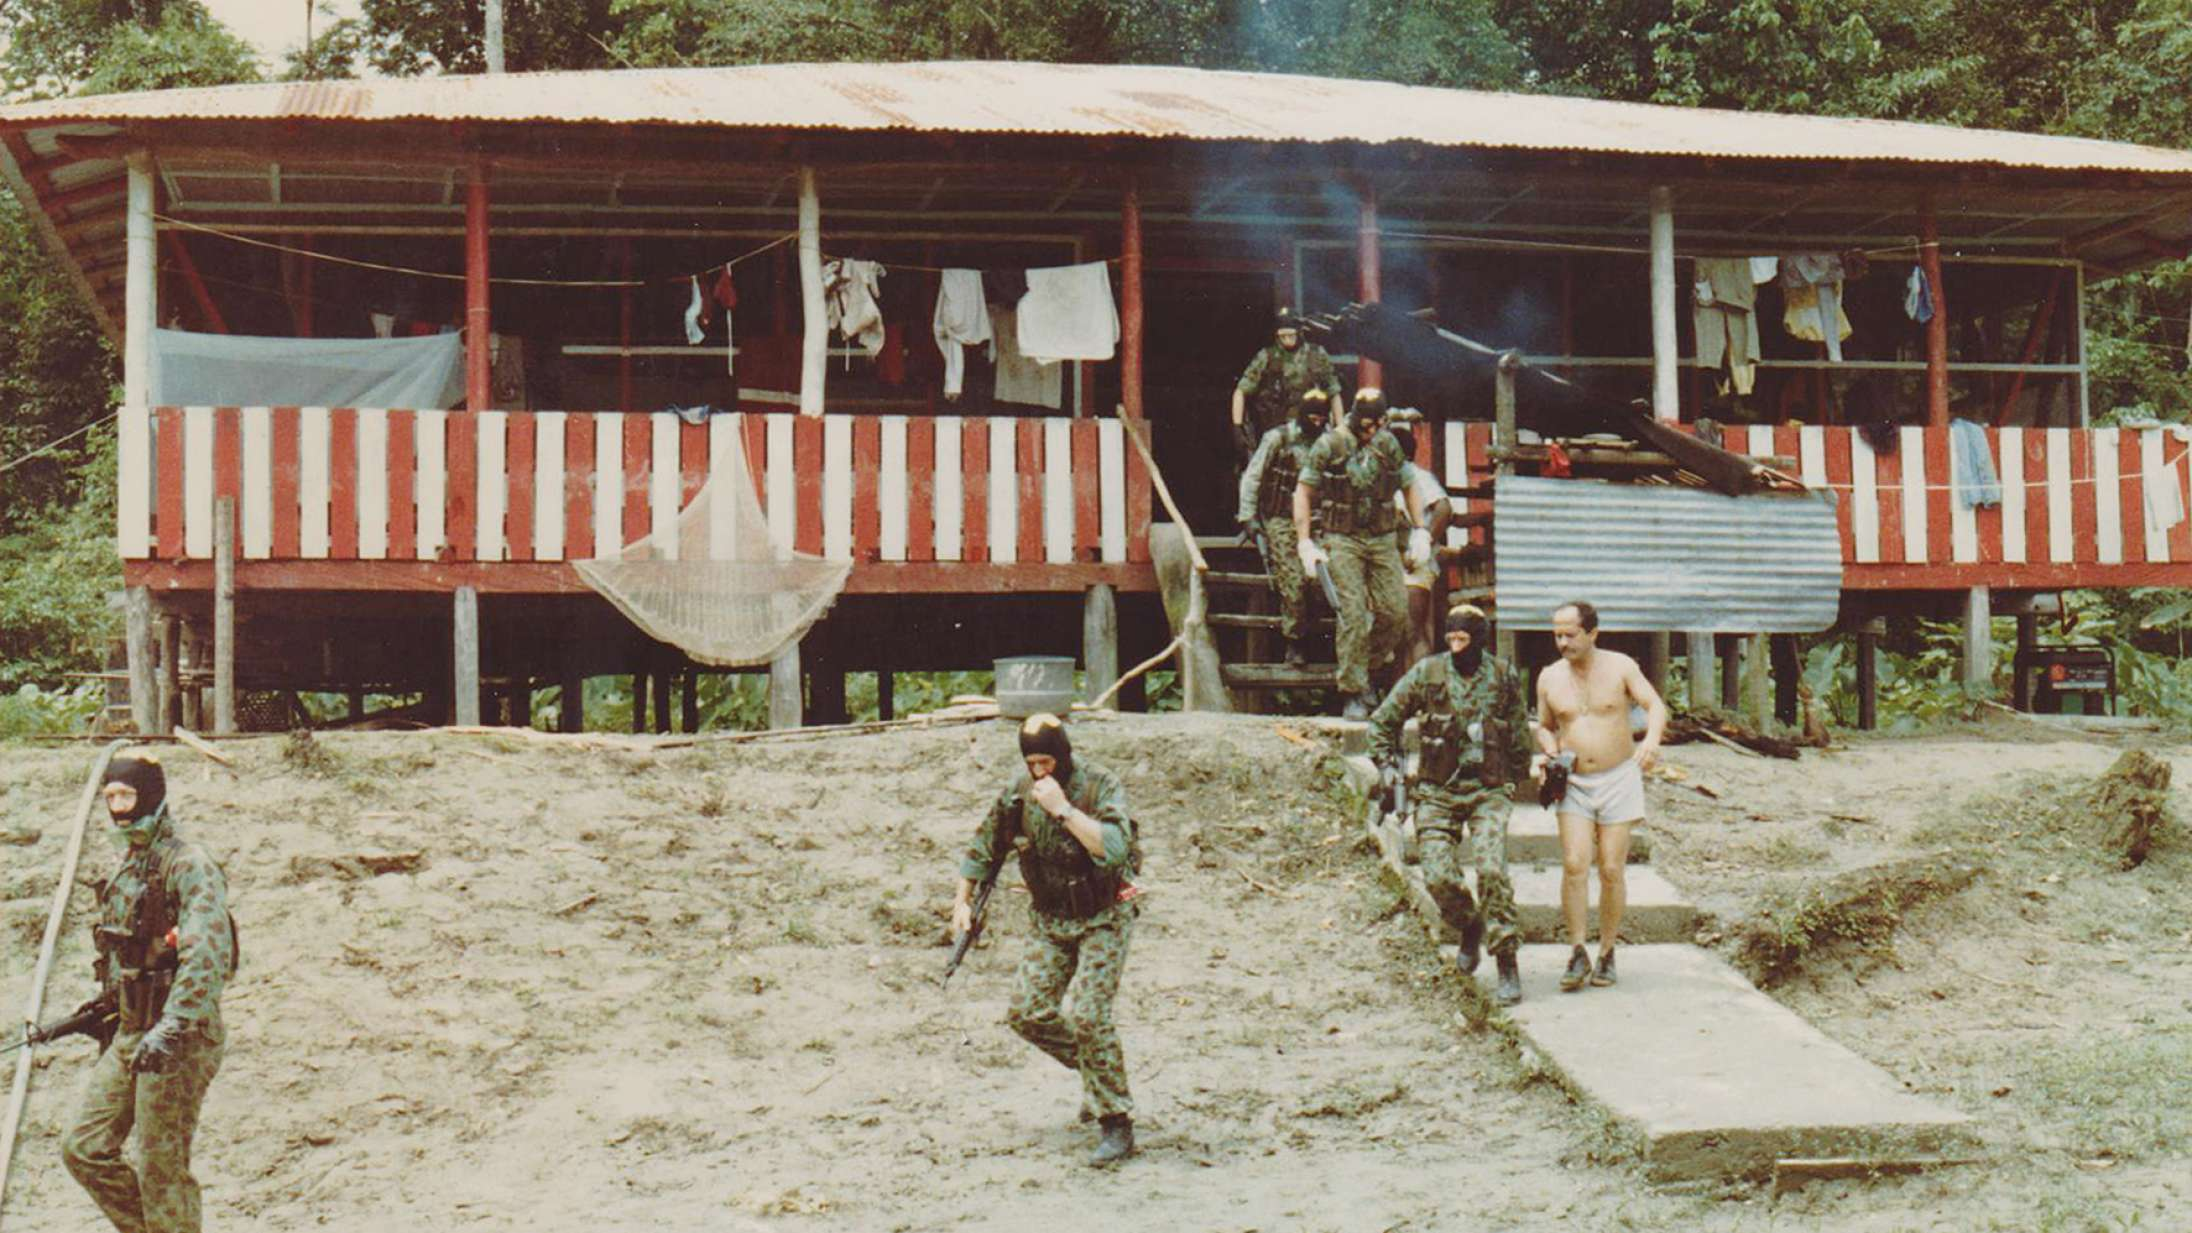 'Killing Escobar': Virkelighedens The Expendables skulle dræbe klodens mest berygtede narkobaron – nu fortæller de deres historie